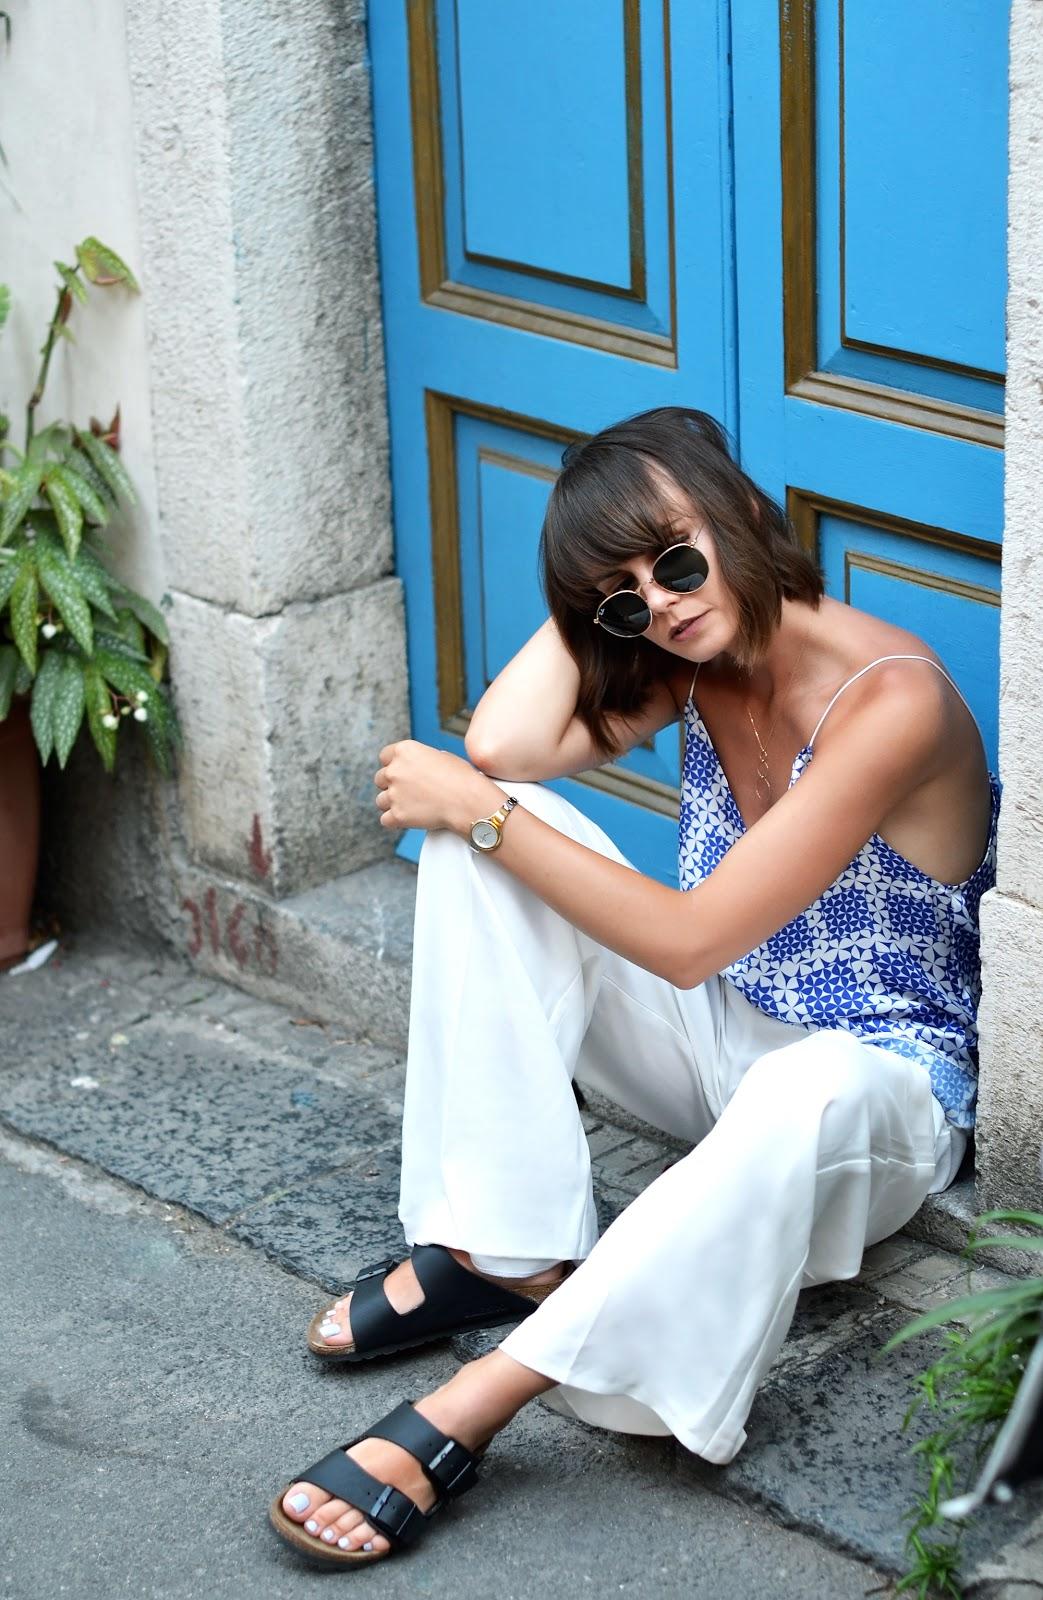 szamocka top | biale szerokie spodnie do czego | blog o modzie | modowe porady | poradnik modowy